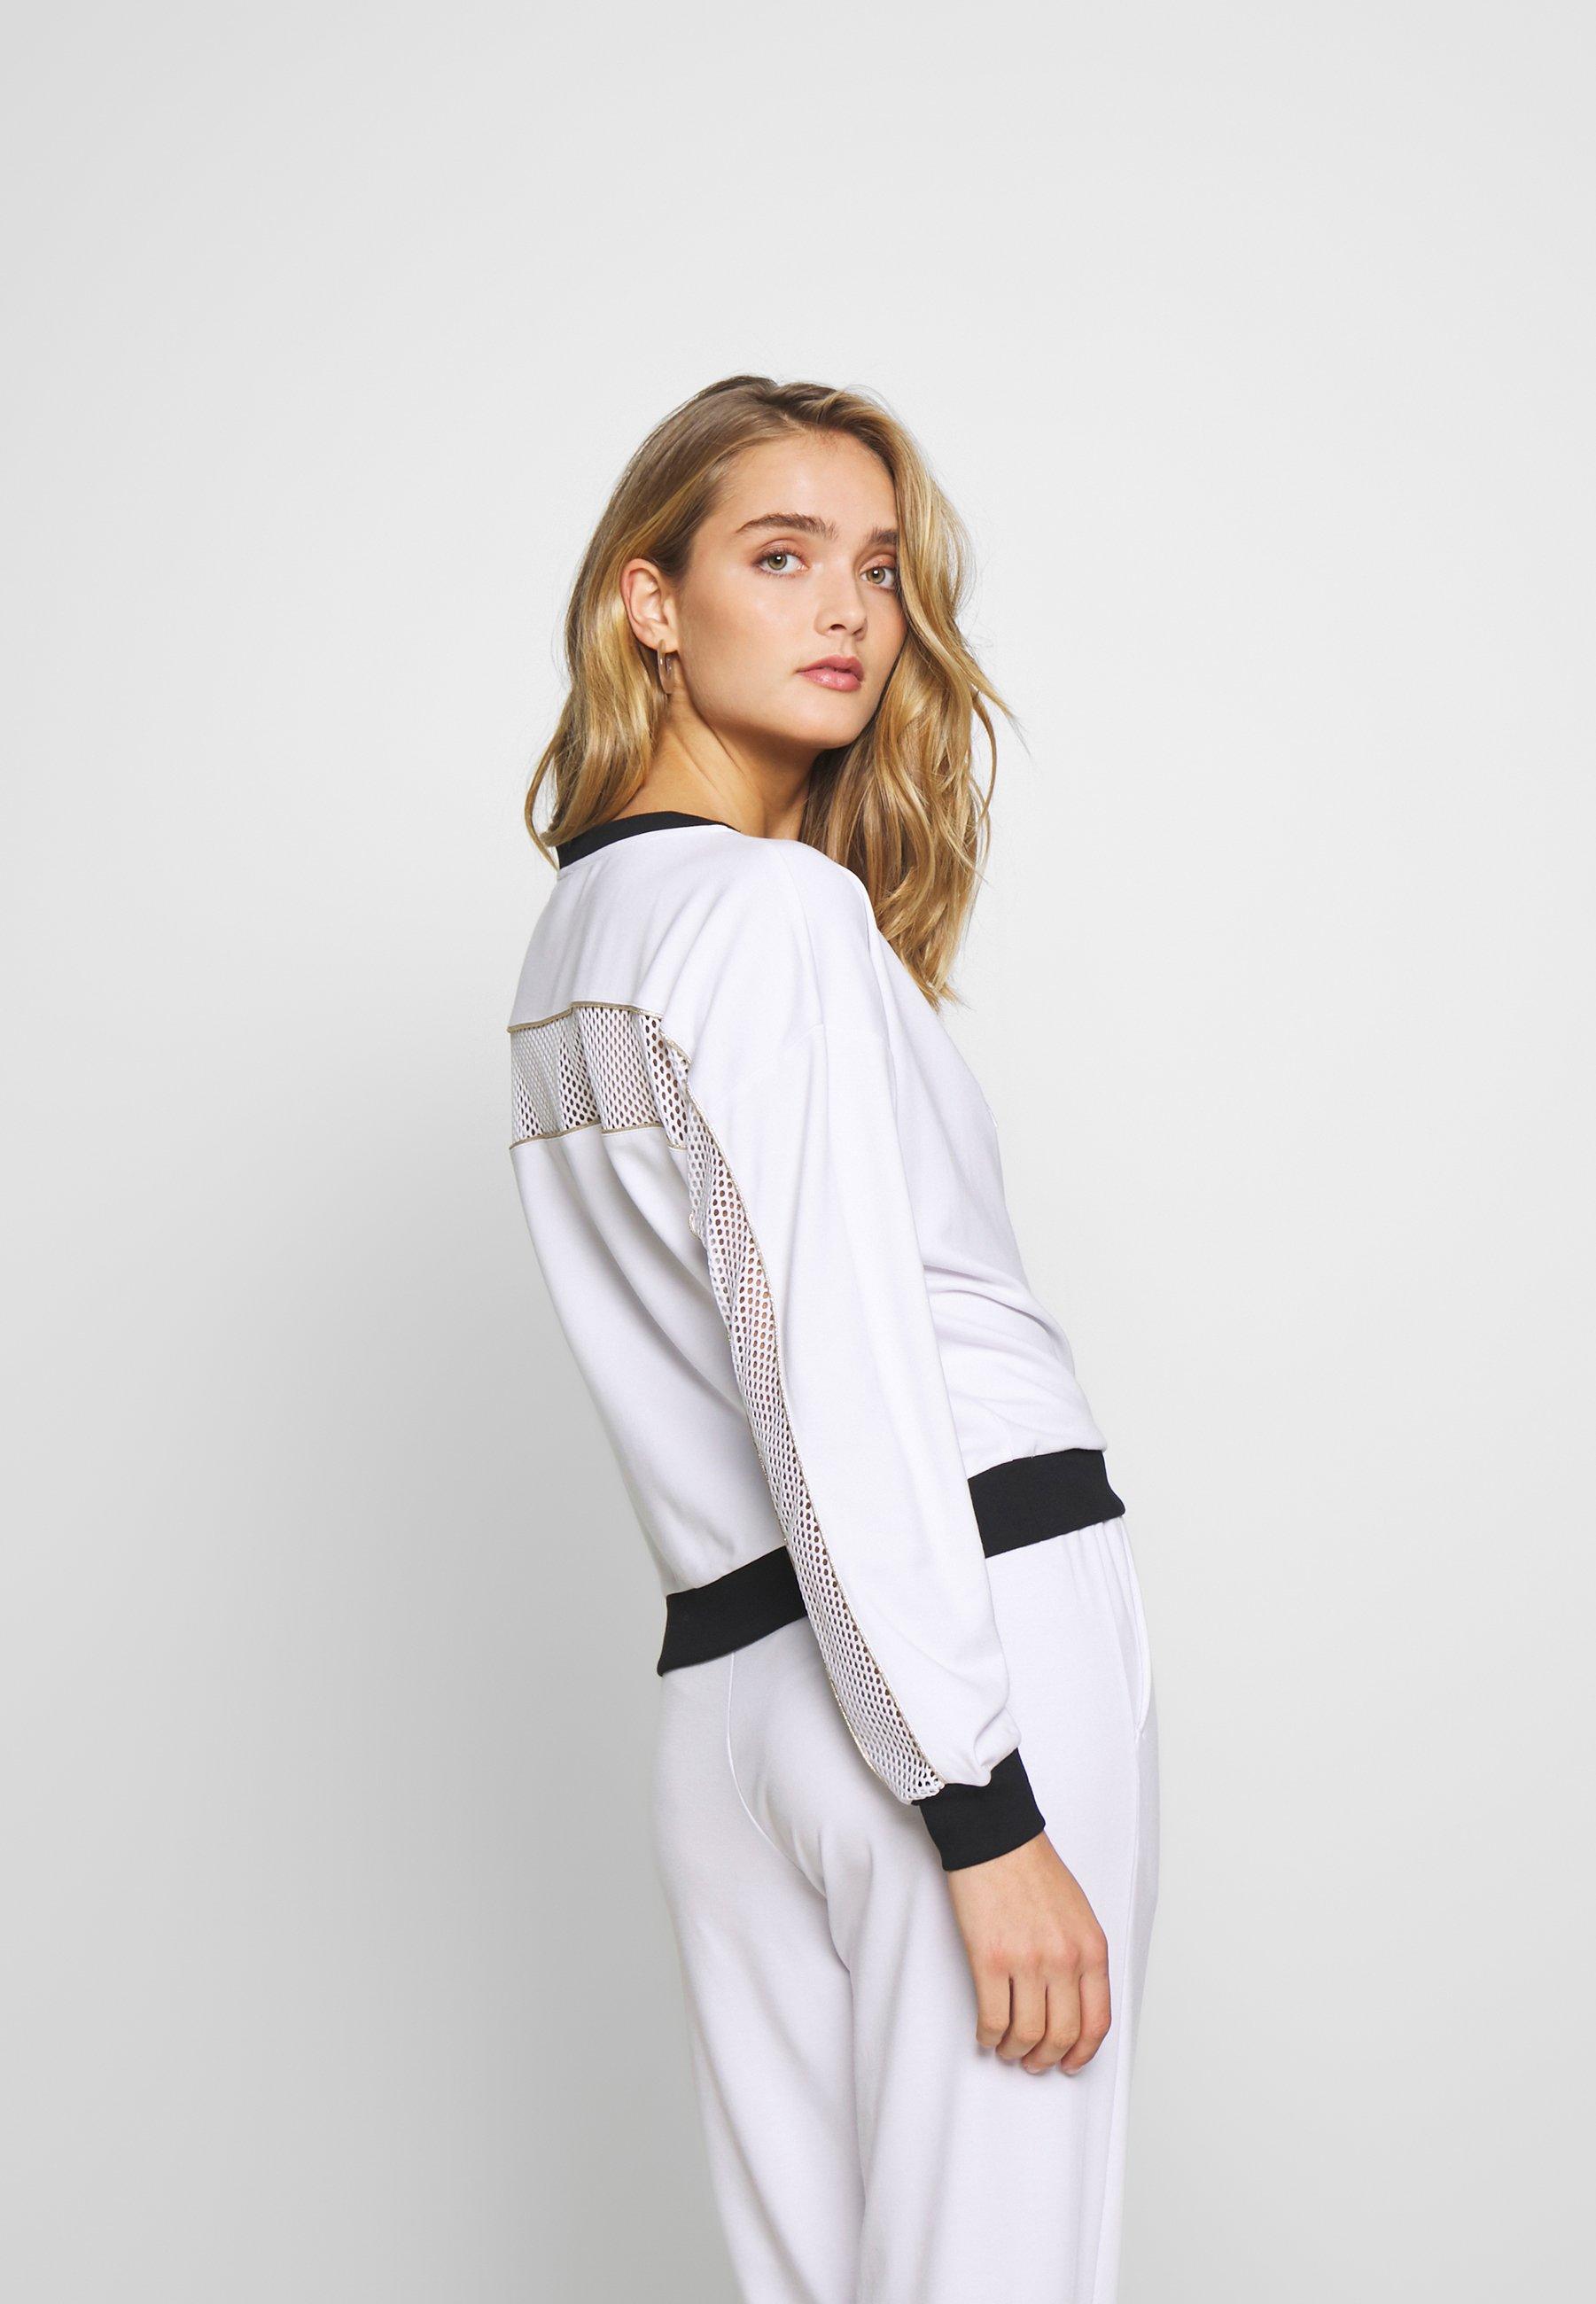 Liu Jo Jeans Felpa Chiusa - Sweatshirt Bianco Ottico